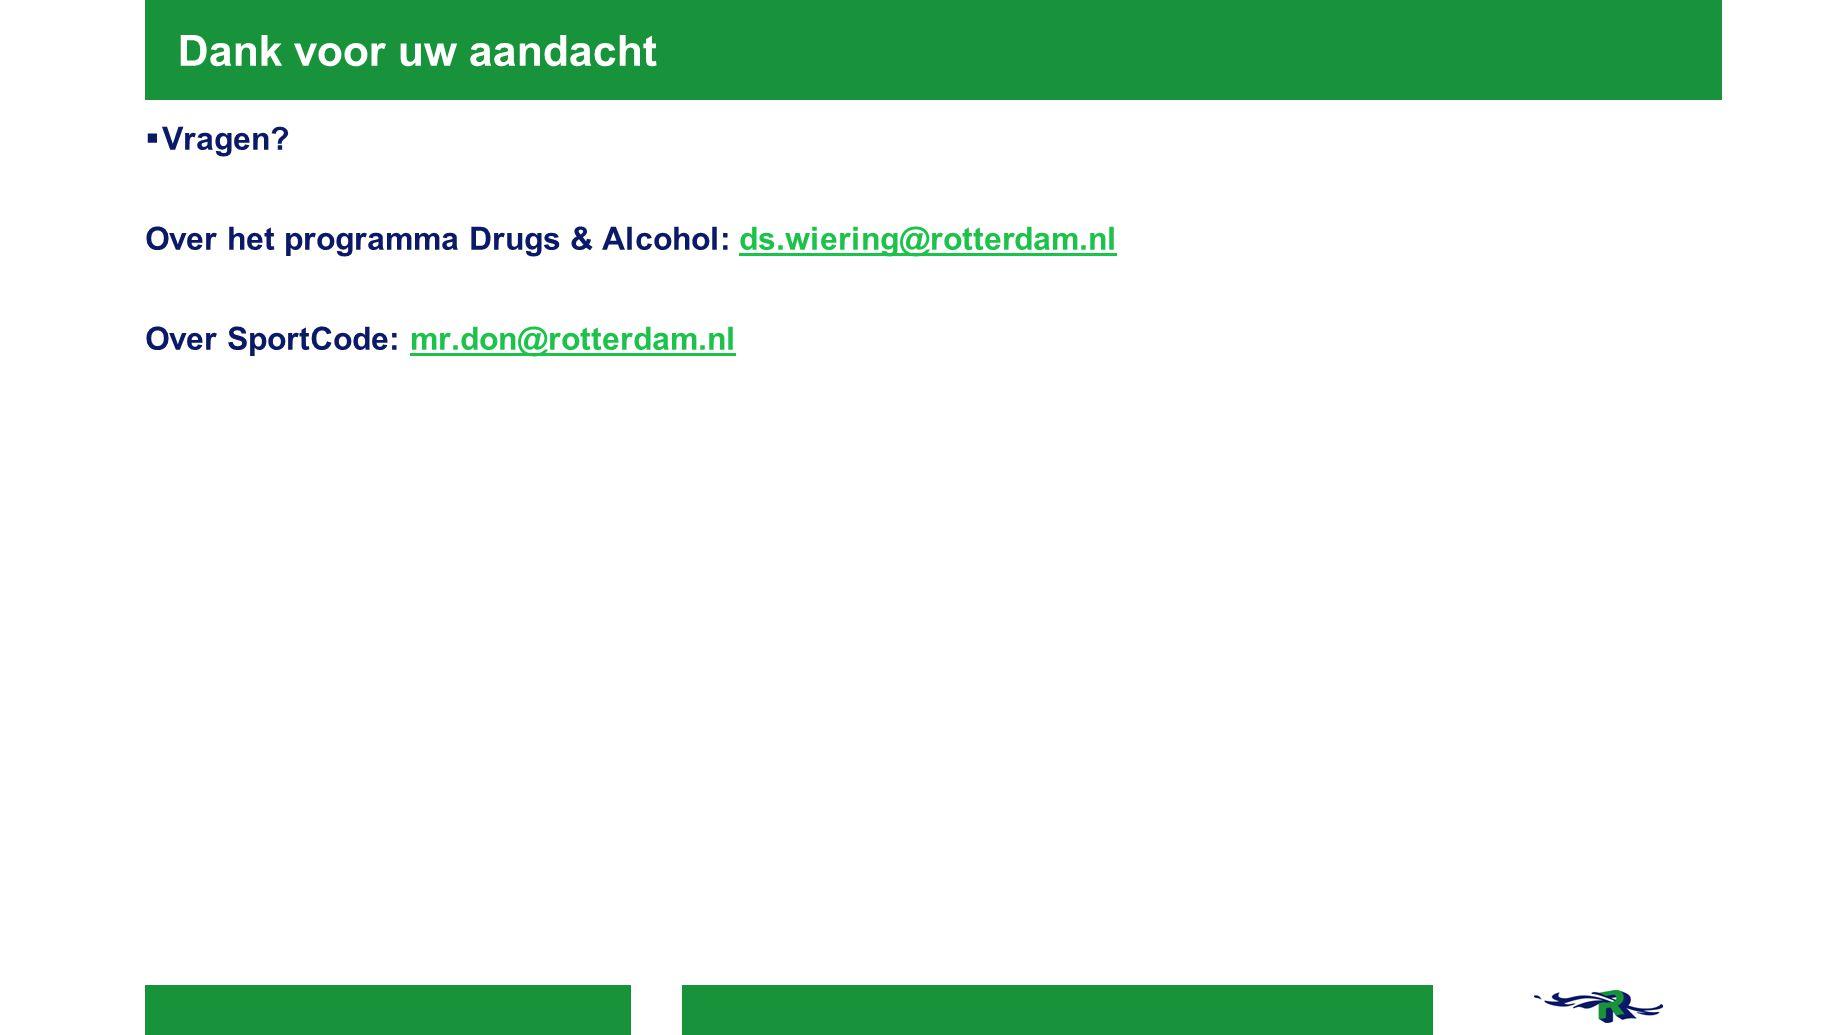 Dank voor uw aandacht  Vragen? Over het programma Drugs & Alcohol: ds.wiering@rotterdam.nlds.wiering@rotterdam.nl Over SportCode: mr.don@rotterdam.nl